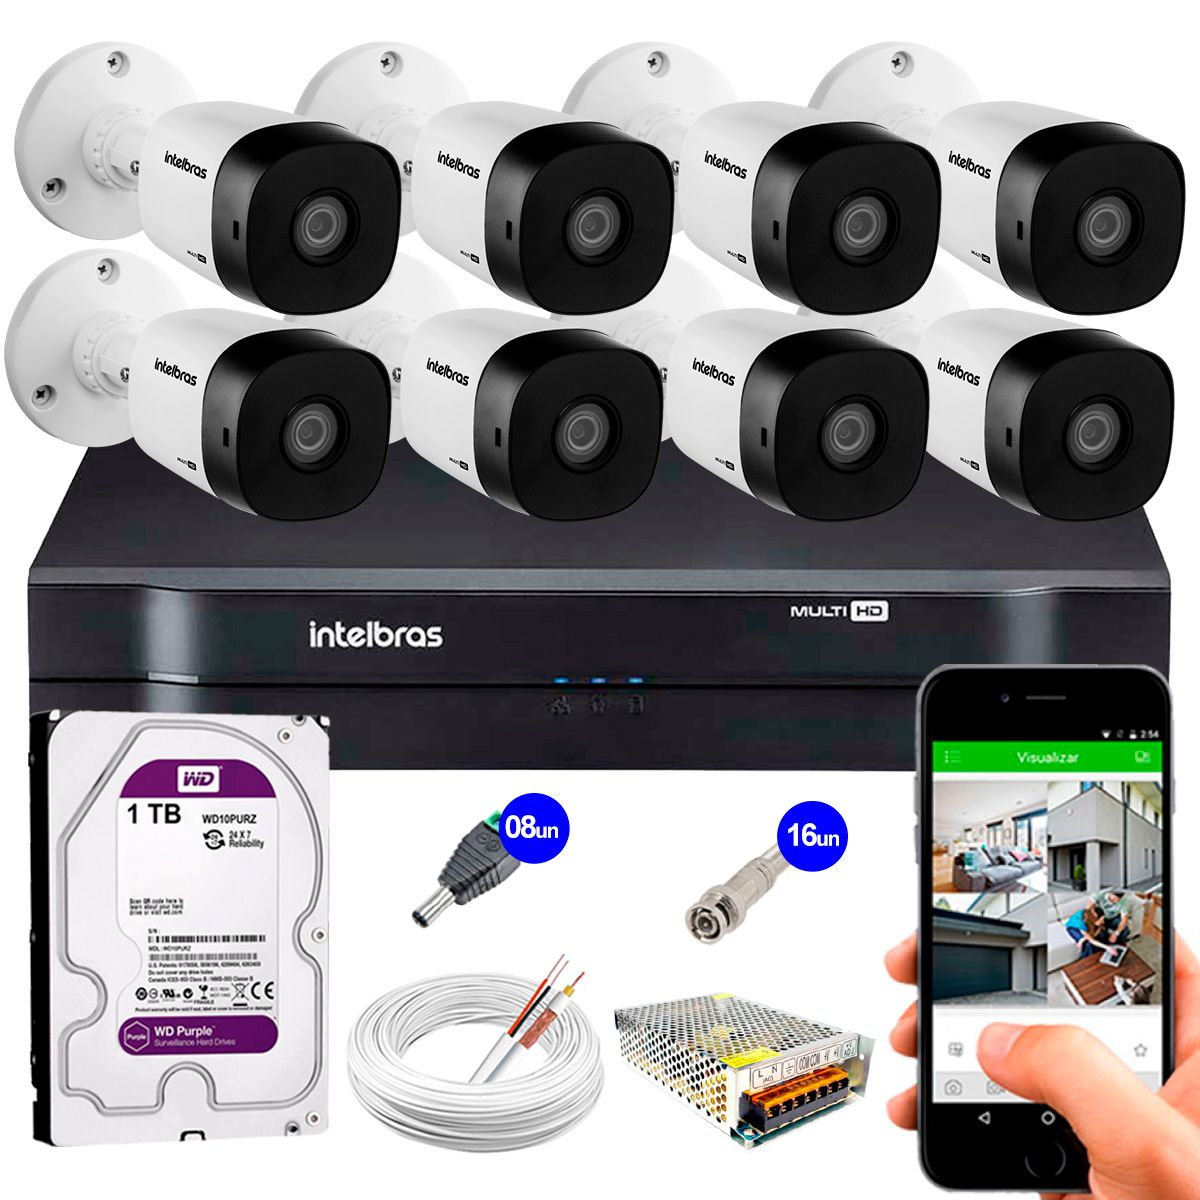 Kit 8 Câmeras VHD 3120 B G5 + DVR Intelbras + HD 1TB para Armazenamento + App Grátis de Monitoramento, Câmeras HD 720p 20m Infravermelho de Visão Noturna Intelbras + Fonte, Cabos e Acessórios  - Tudo Forte